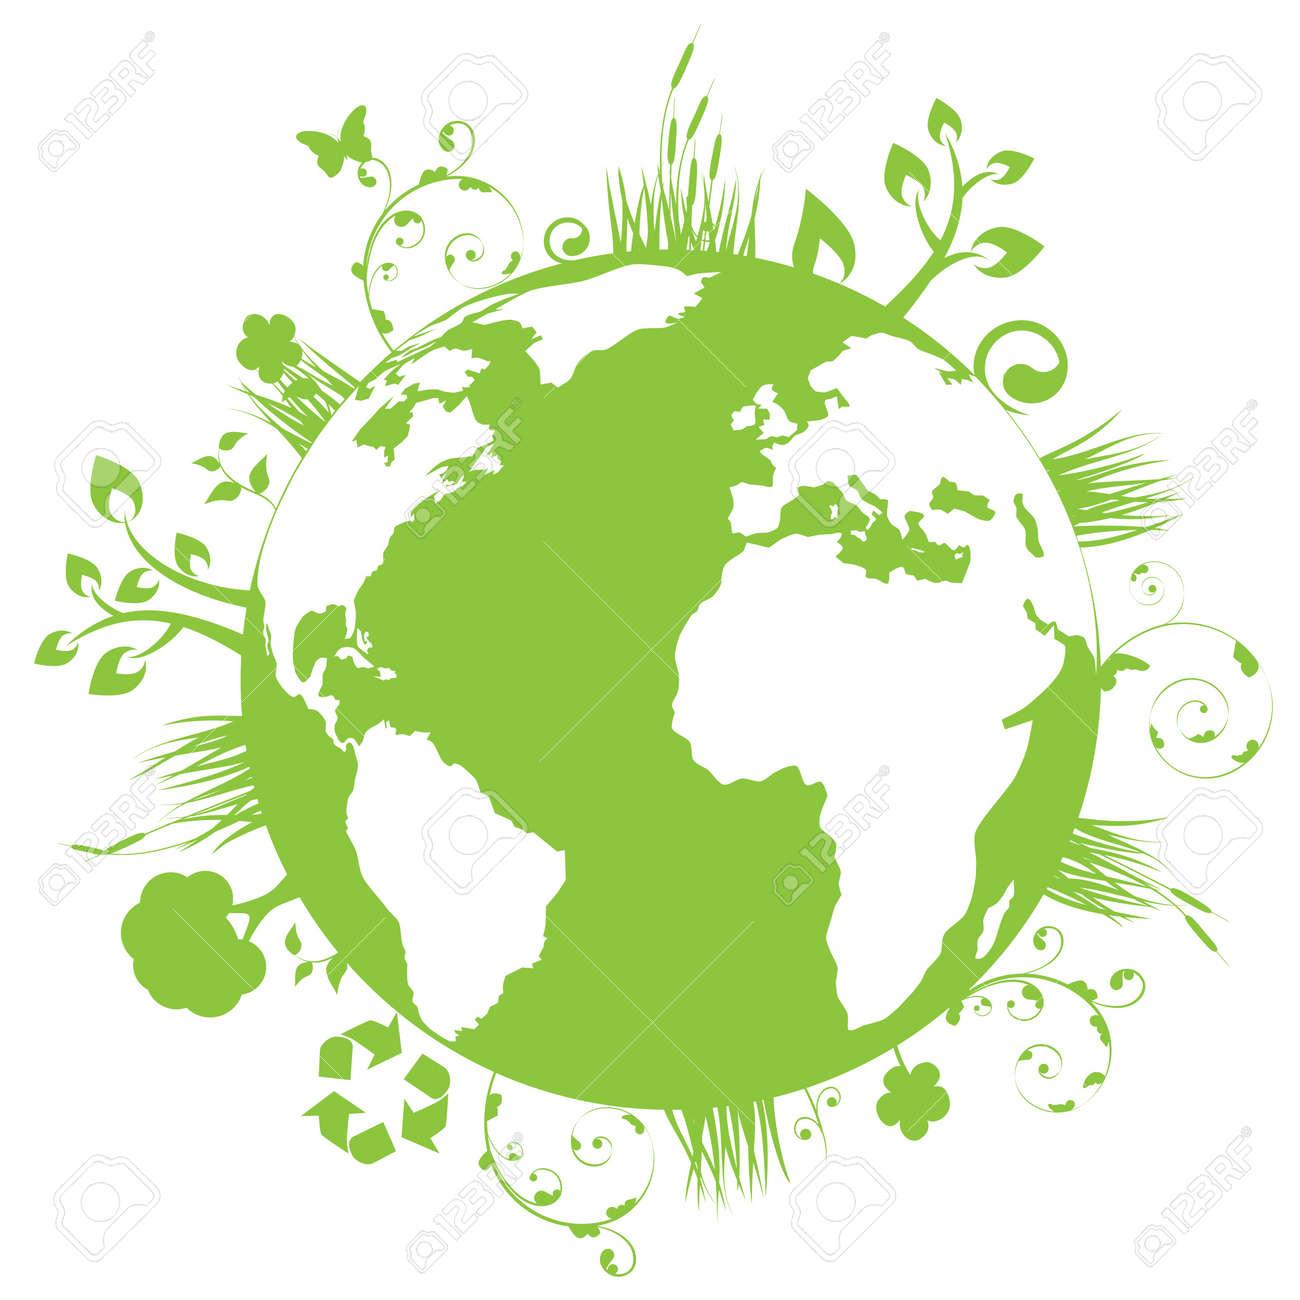 Resultado de imagen para pic of a clean globe